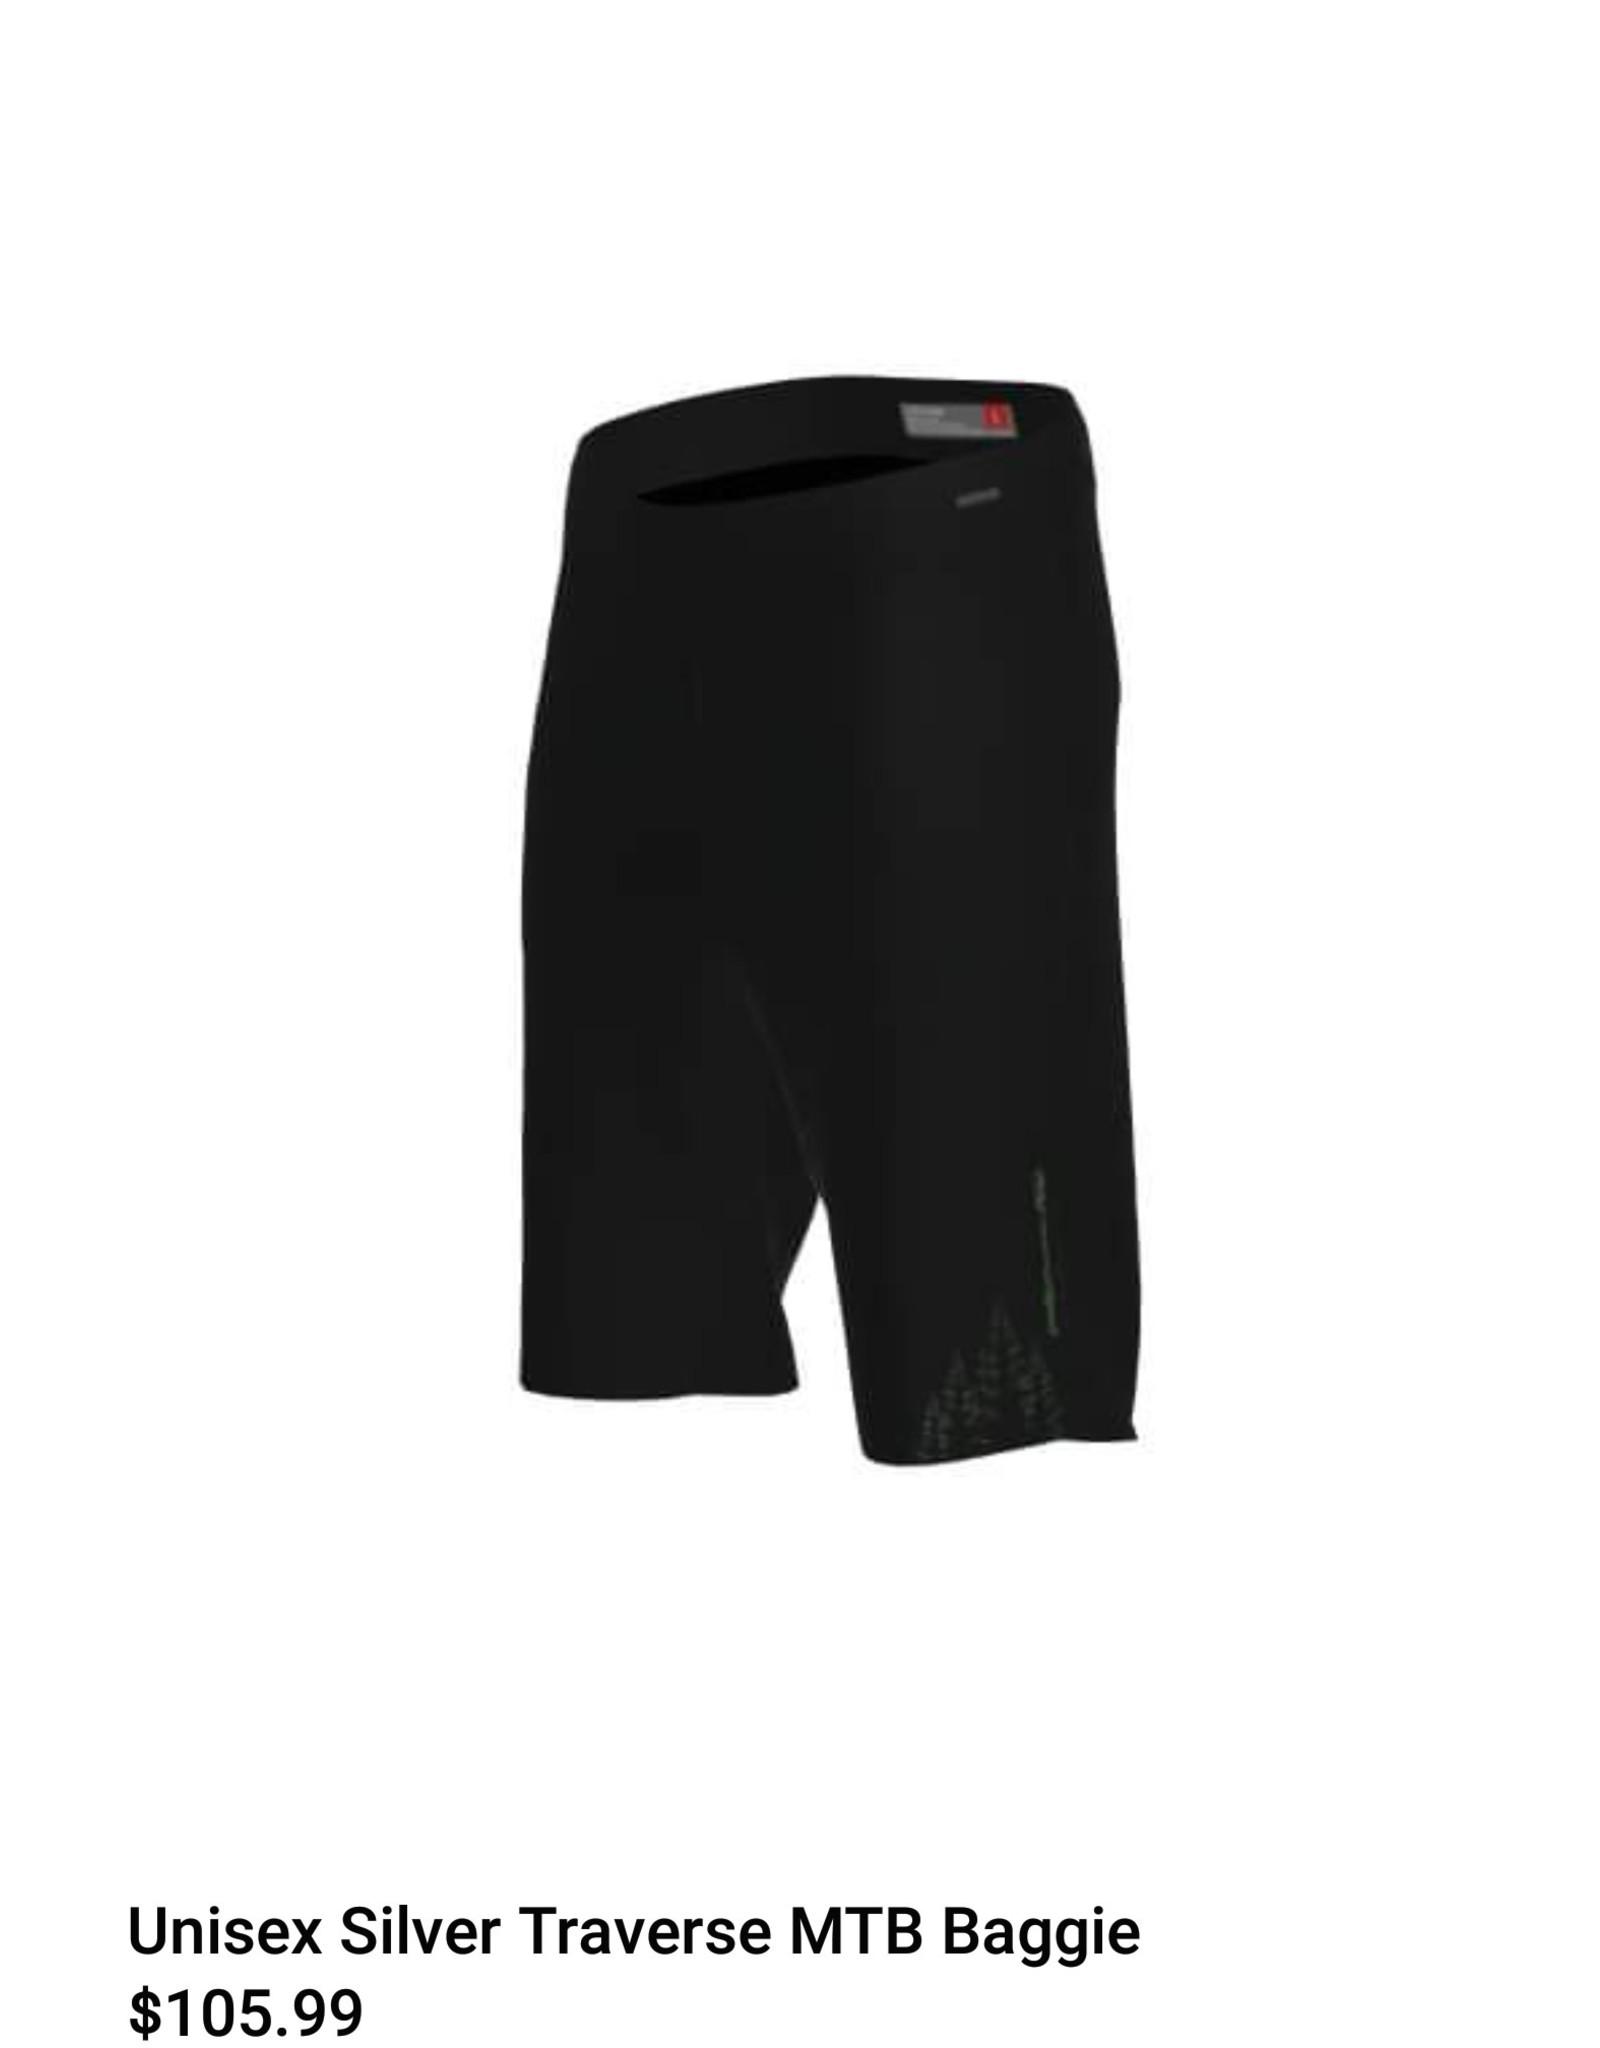 Camas Short 2021 $105.99